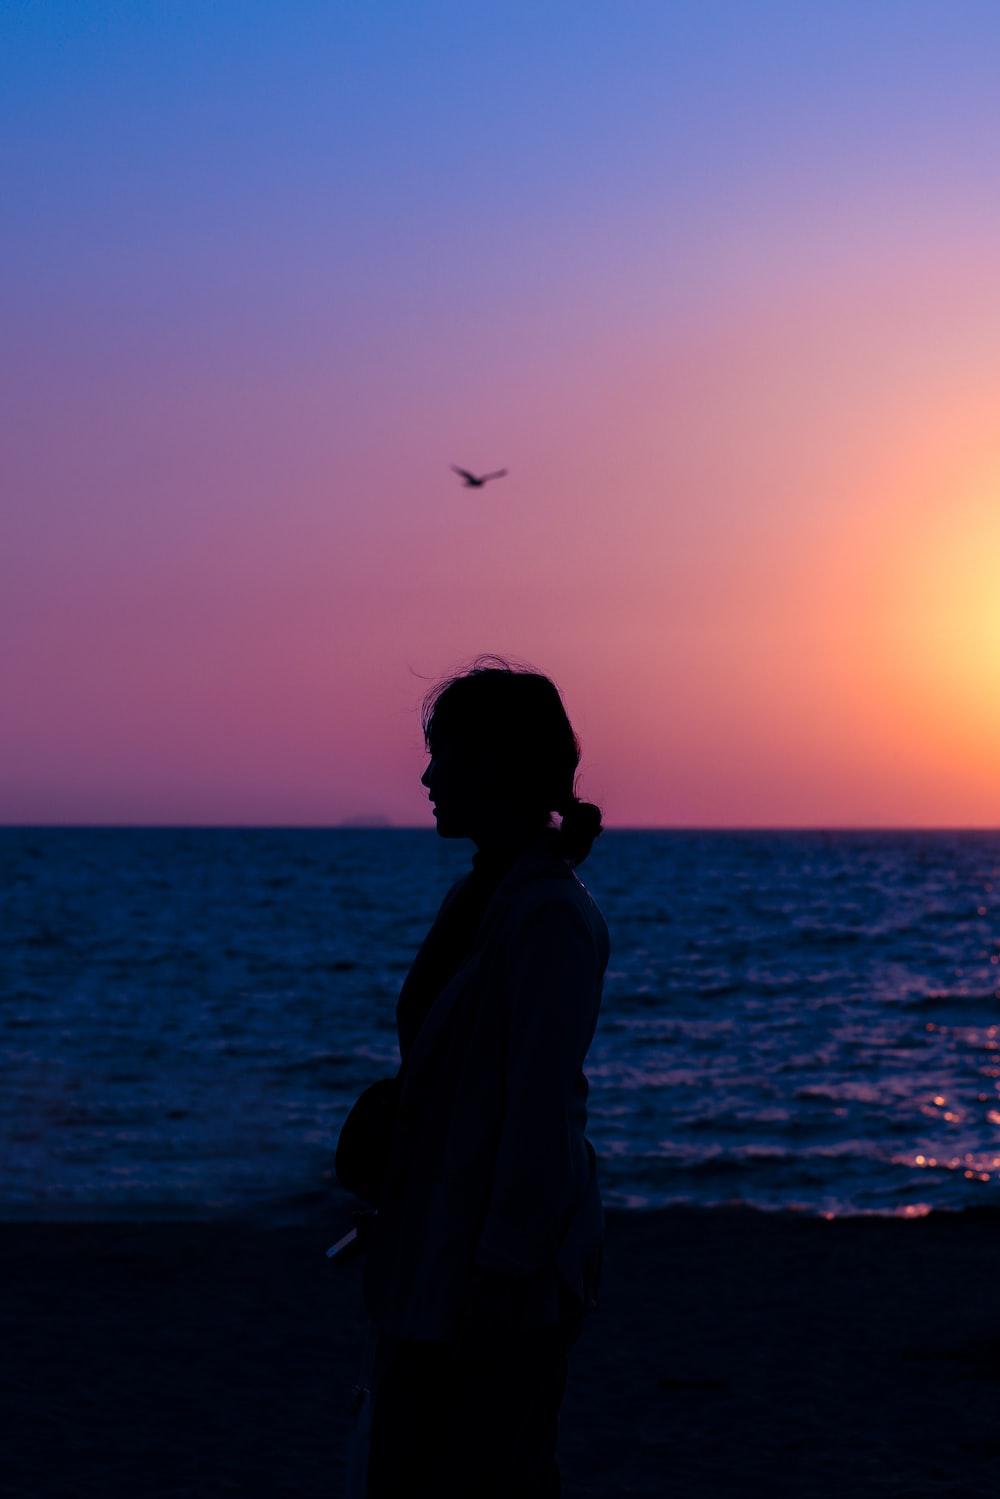 silhouette of woman near ocean